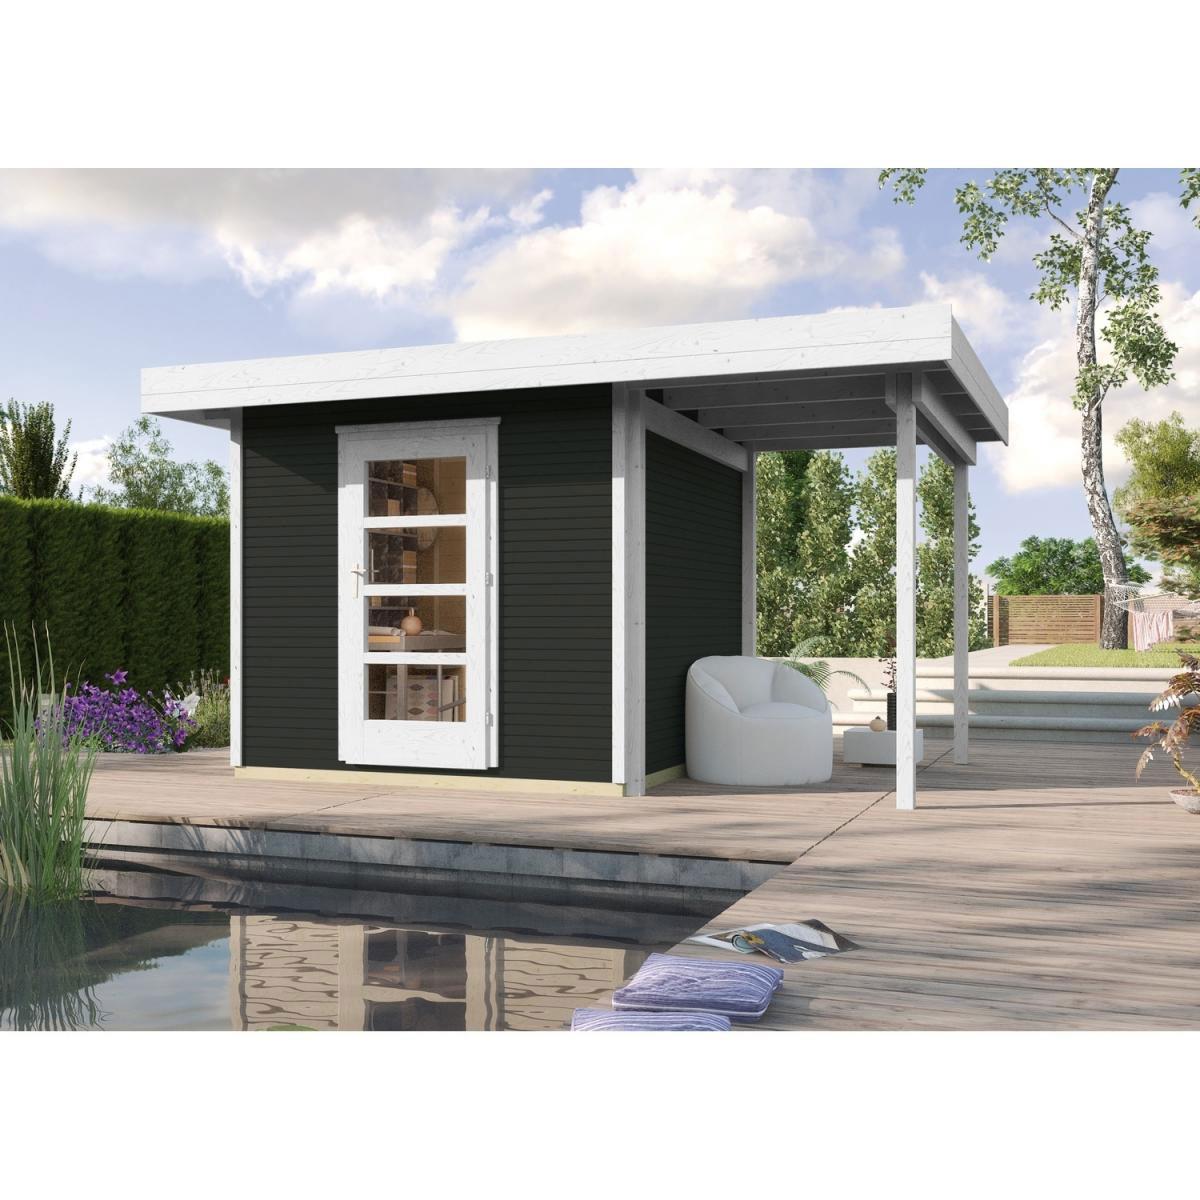 Weka Holz-Gartenhaus wekaLine Anthrazit 240 cm x 235 cm mit Anbau 150 cm